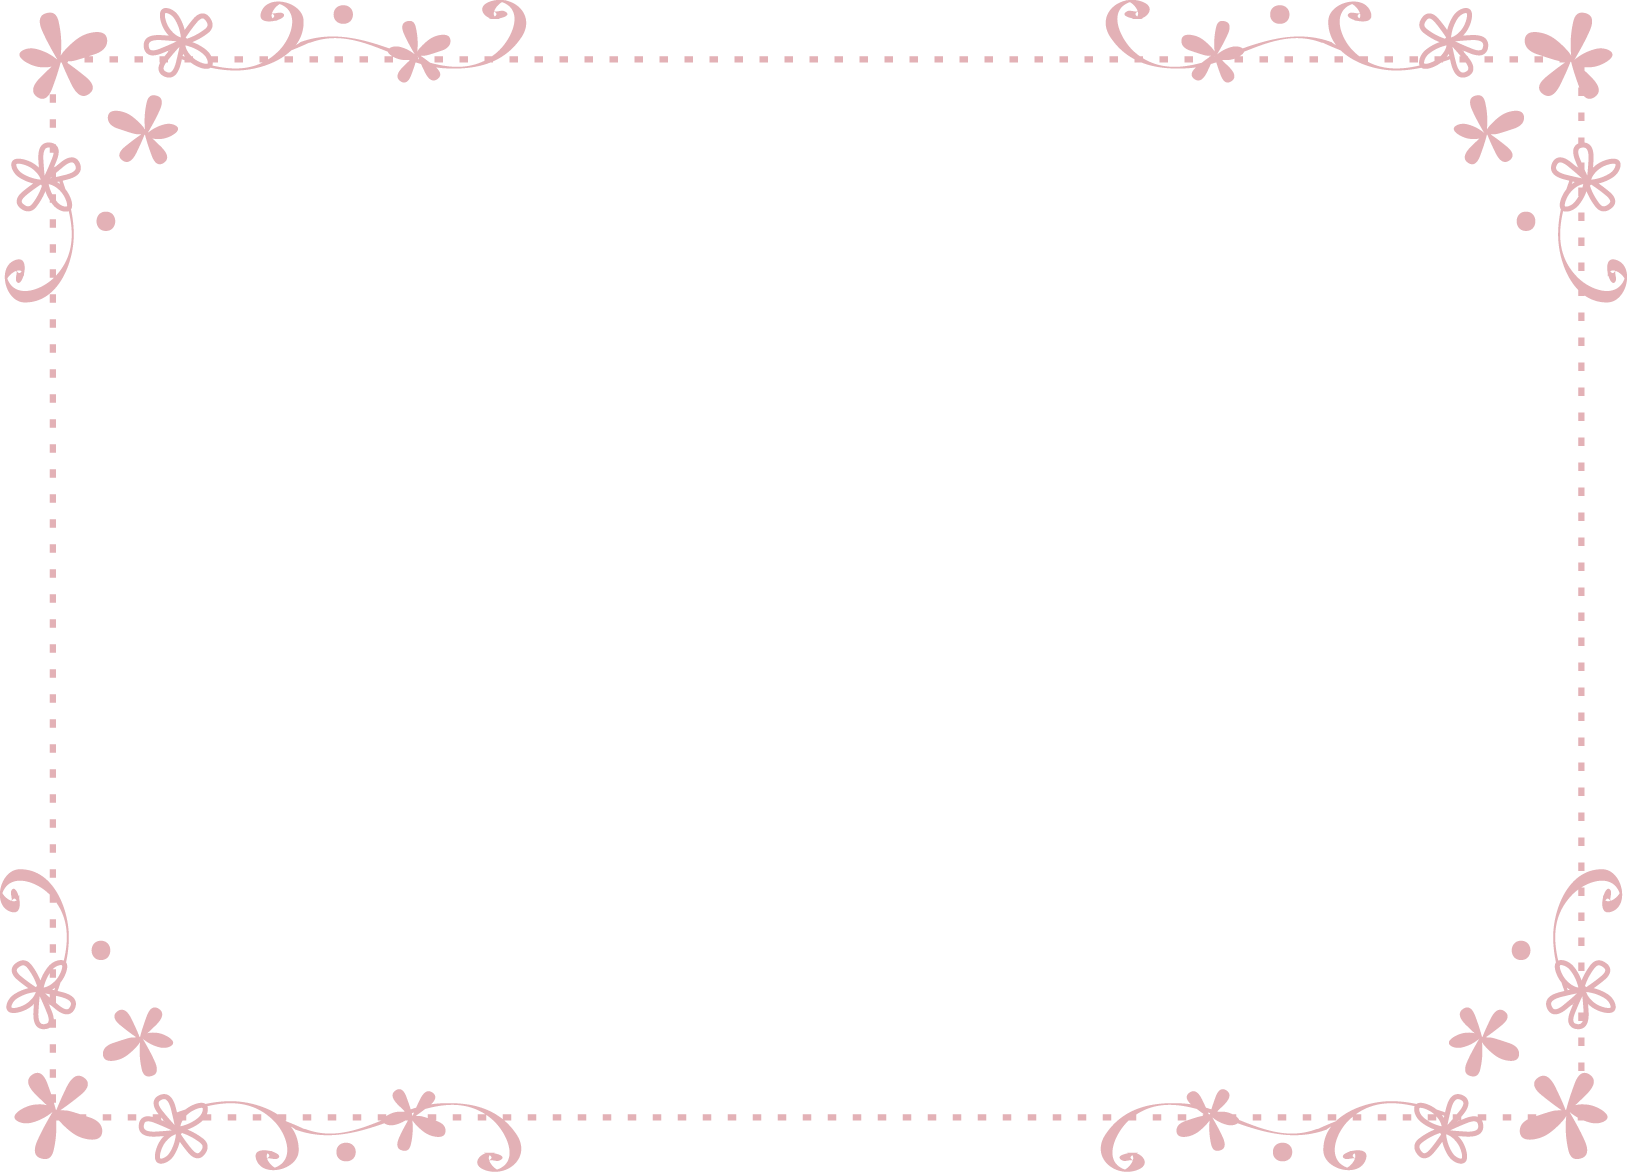 枠・飾り枠・飾り罫・飾り線(おしゃれな小花のデザイン)無料イラスト素材